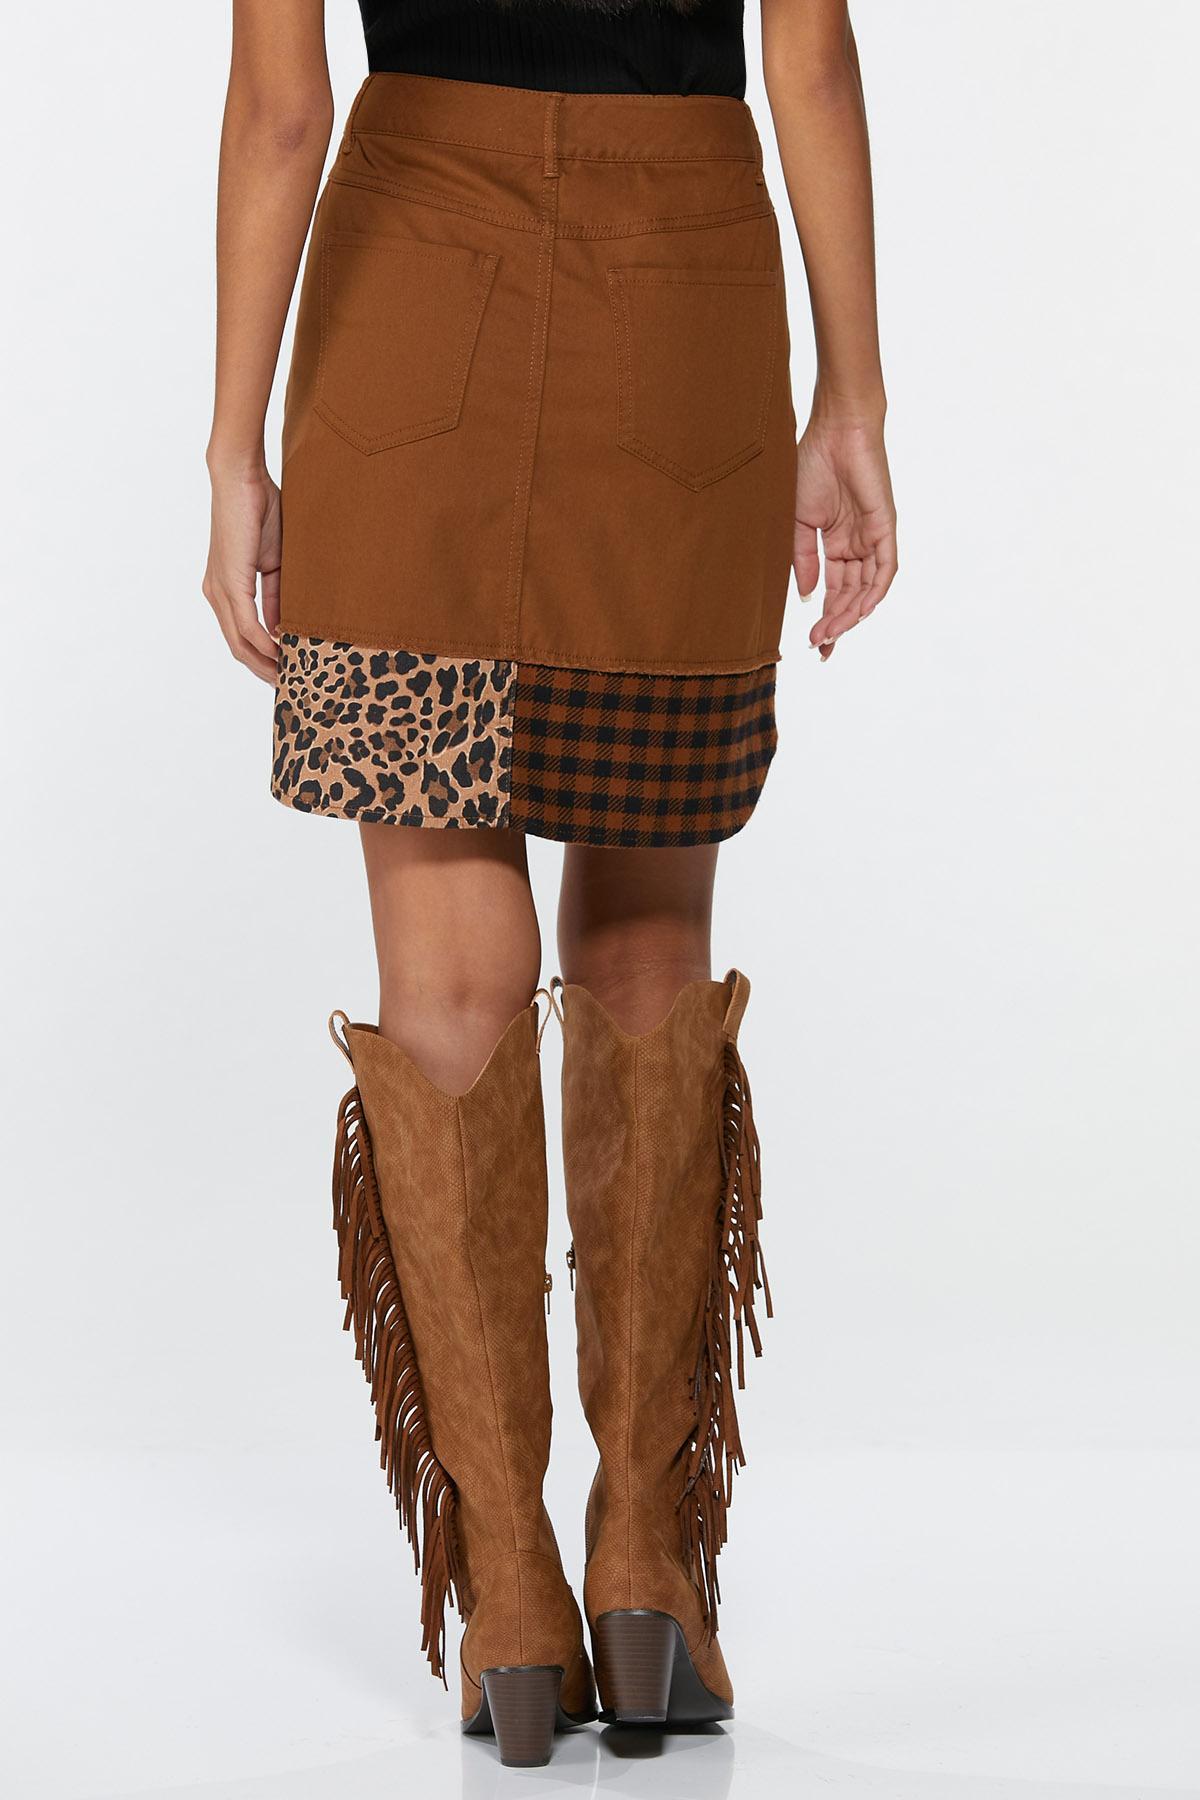 Mixed Signal Skirt (Item #44713387)